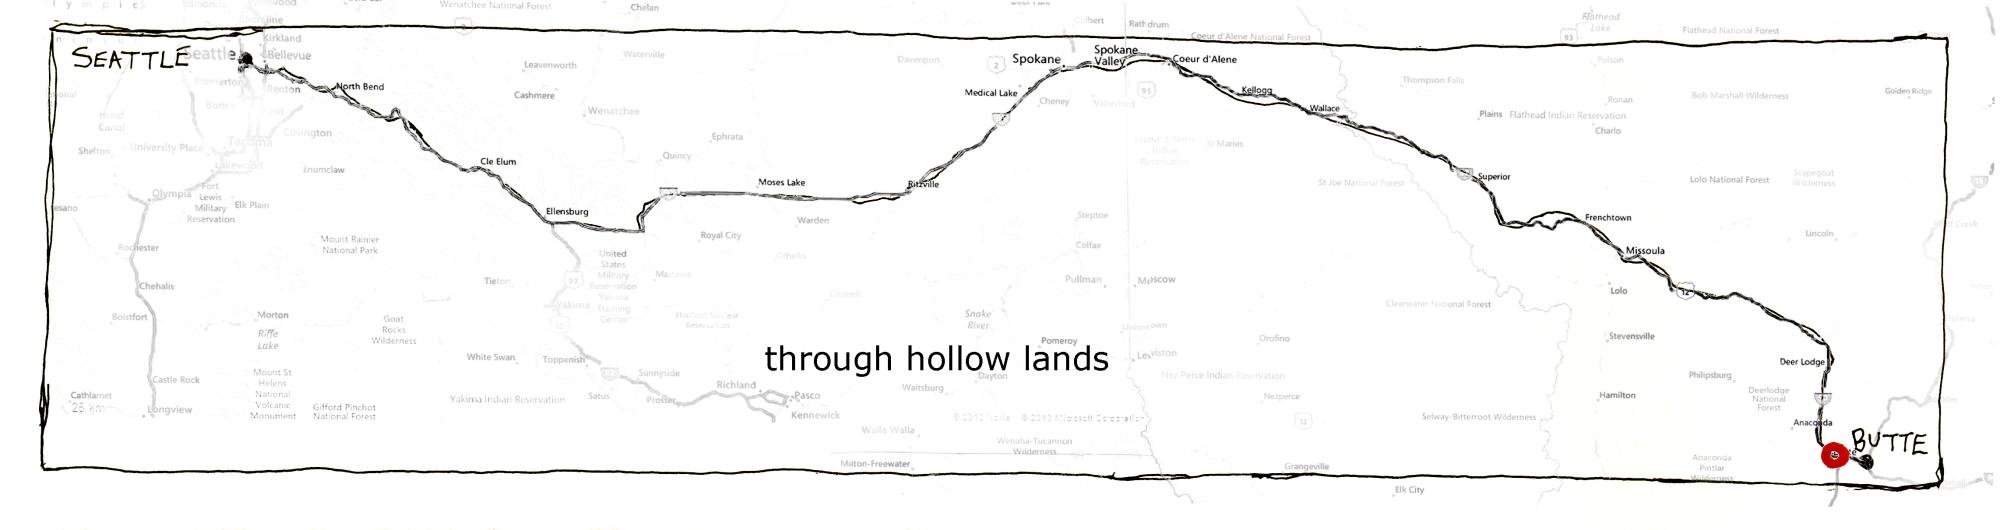 581 map